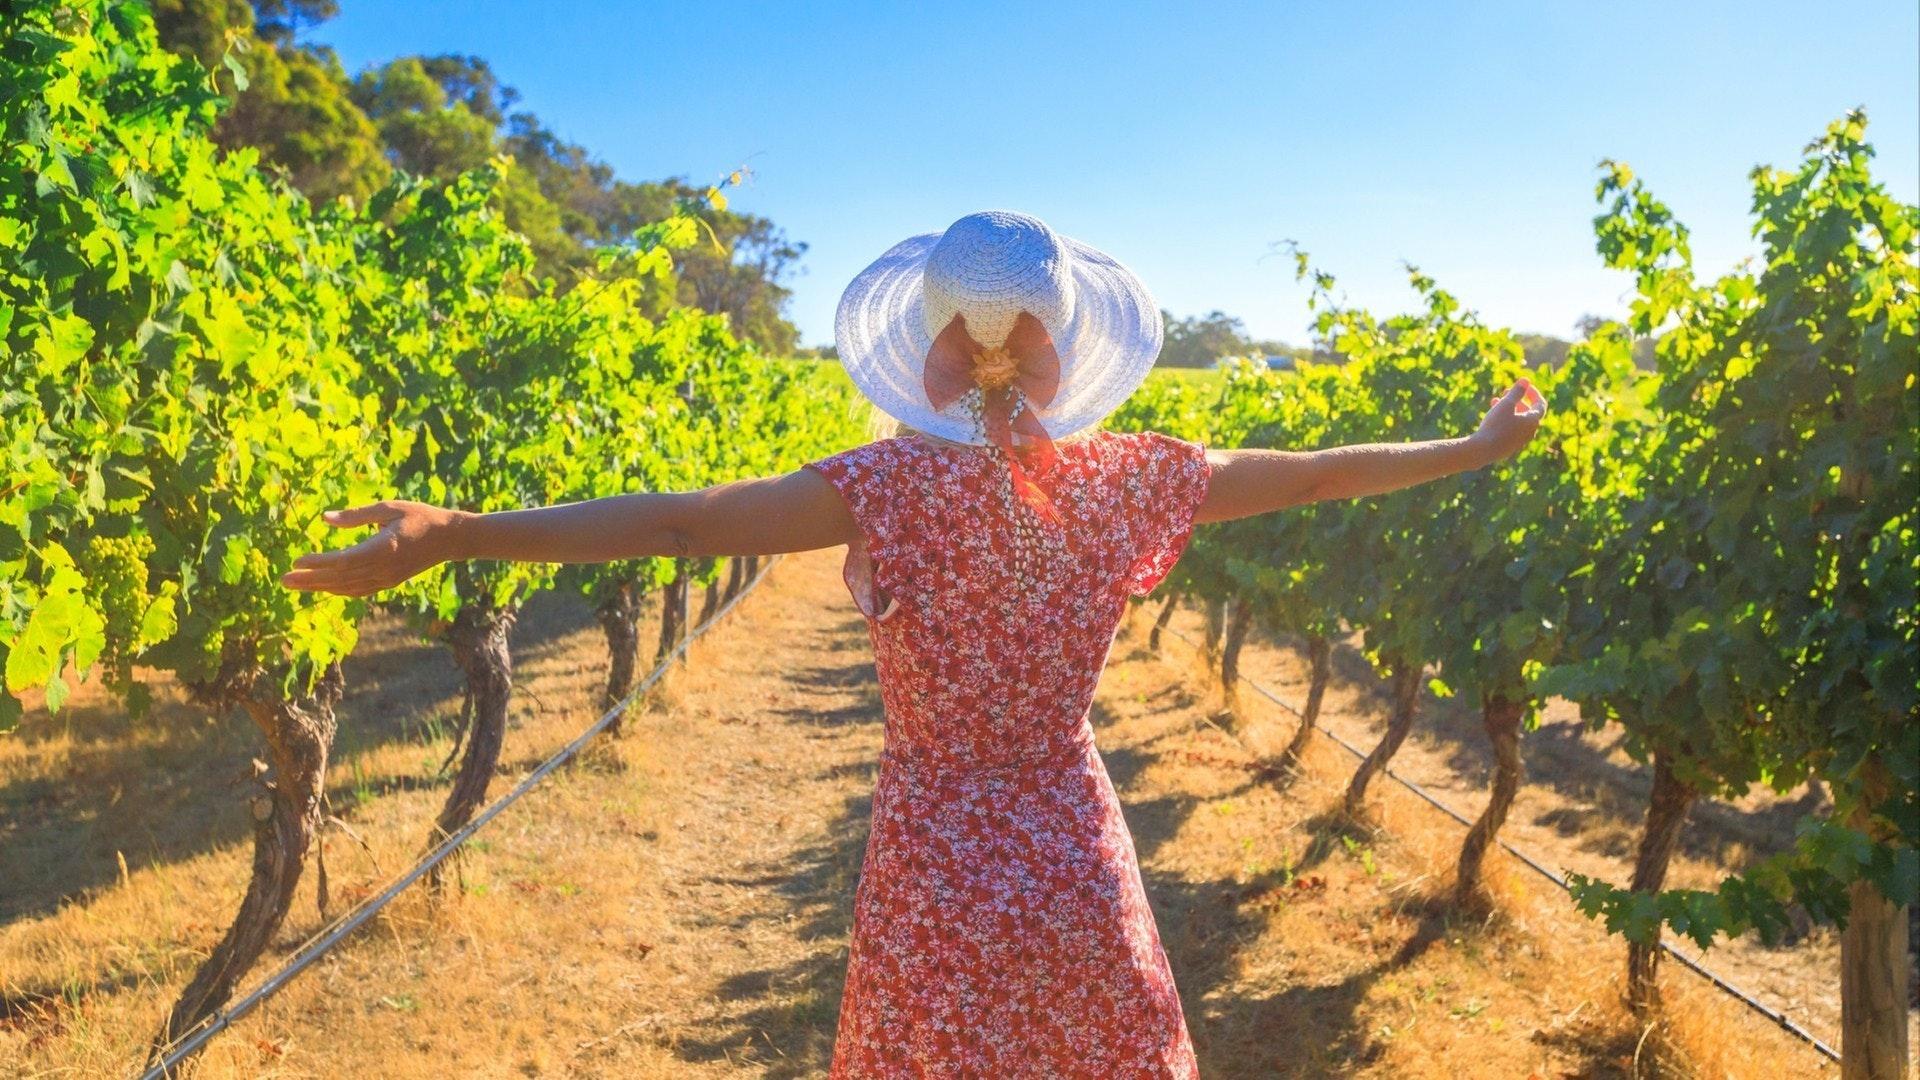 Desfrutando da colheita em Margaret River conhecida como a região vinícola